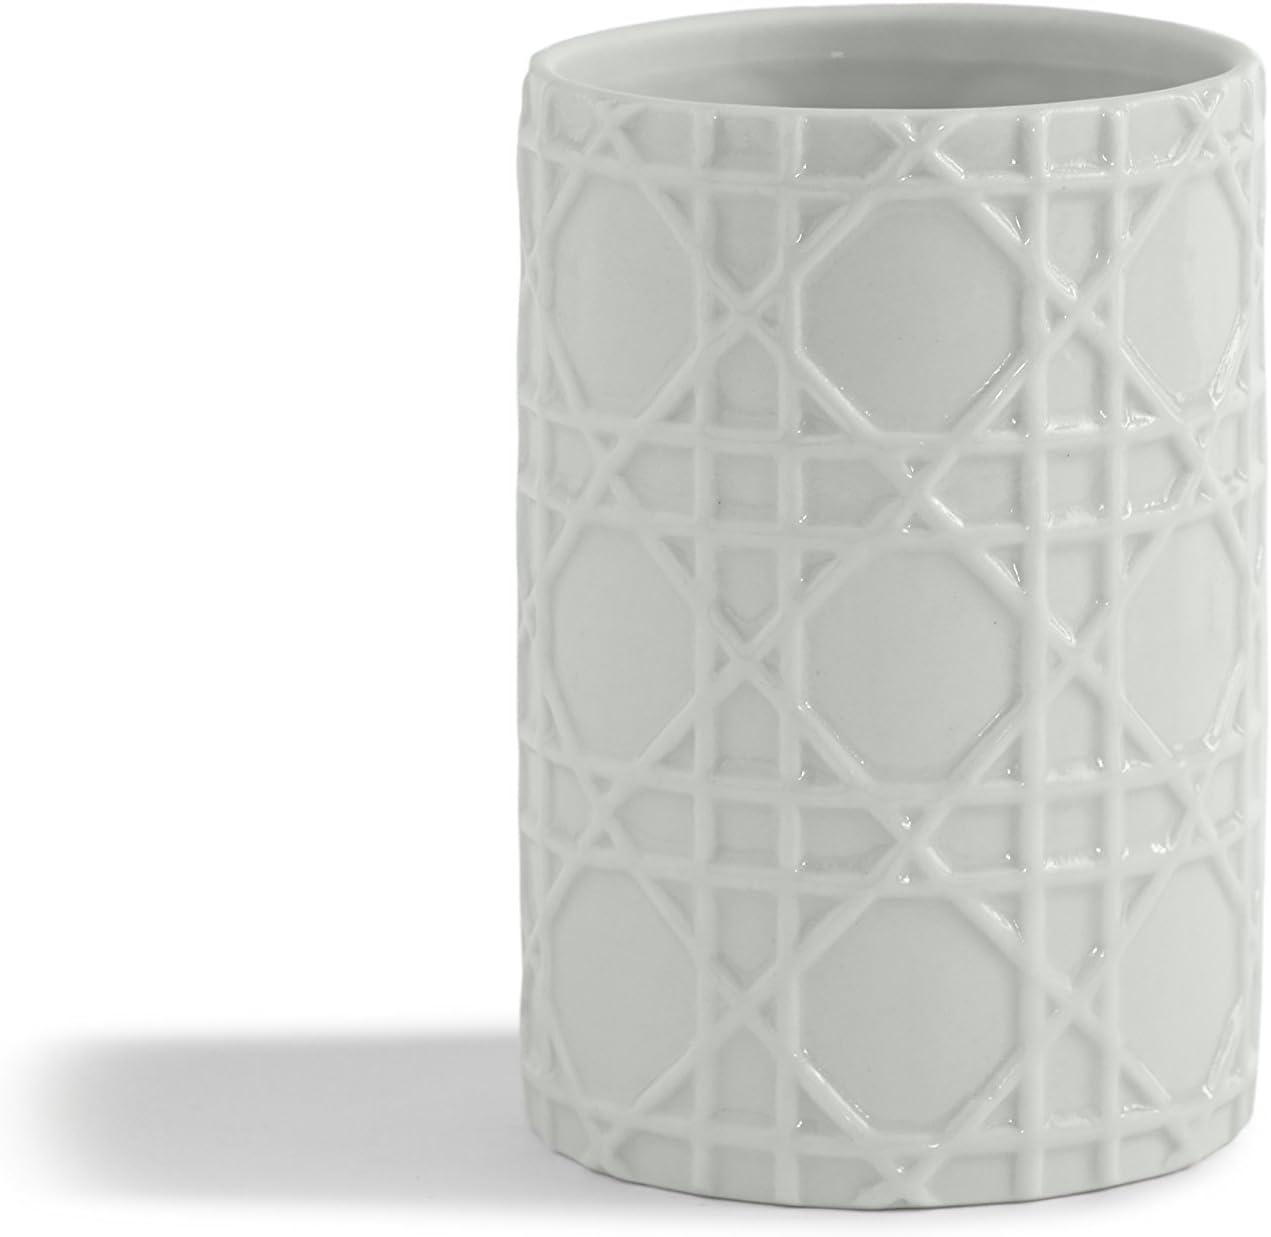 Kassatex ARN-CJ Rattan Cotton Jar